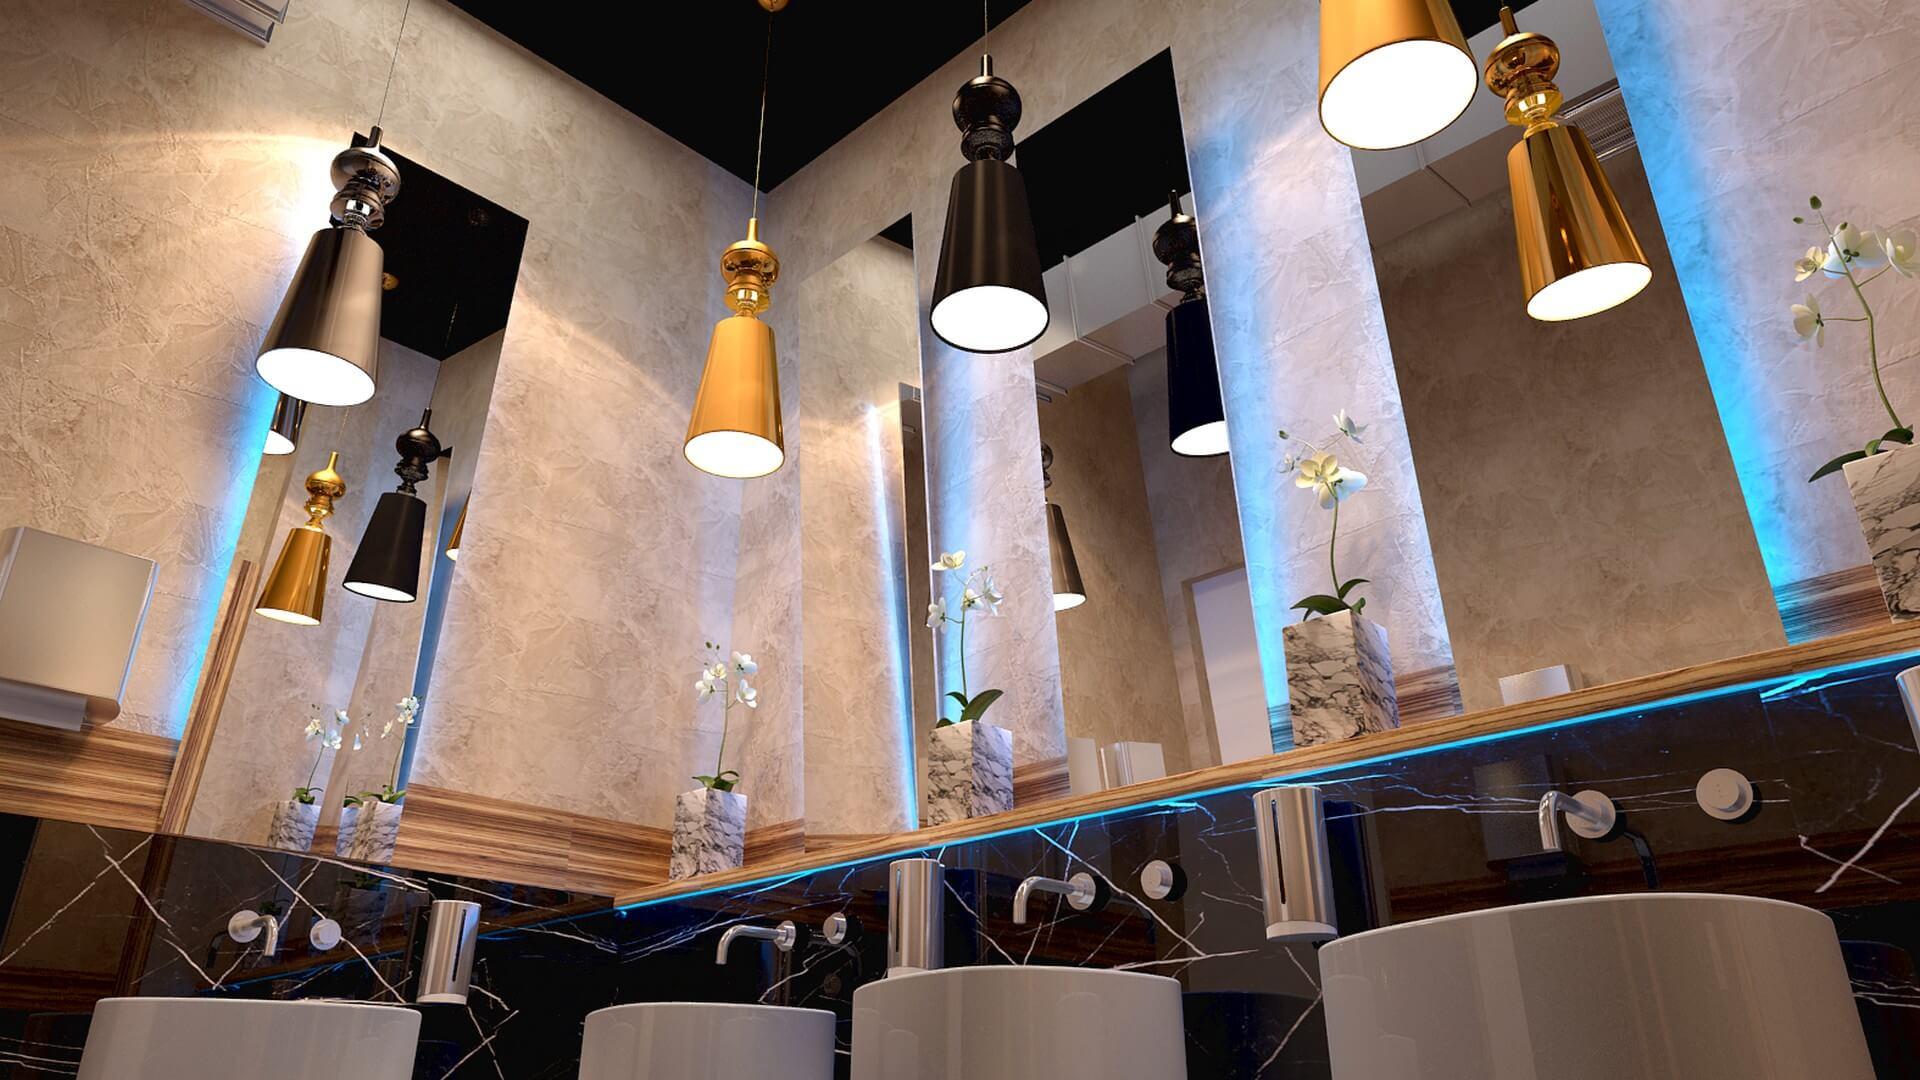 Restaurant interior design Iskenderun Restaurant